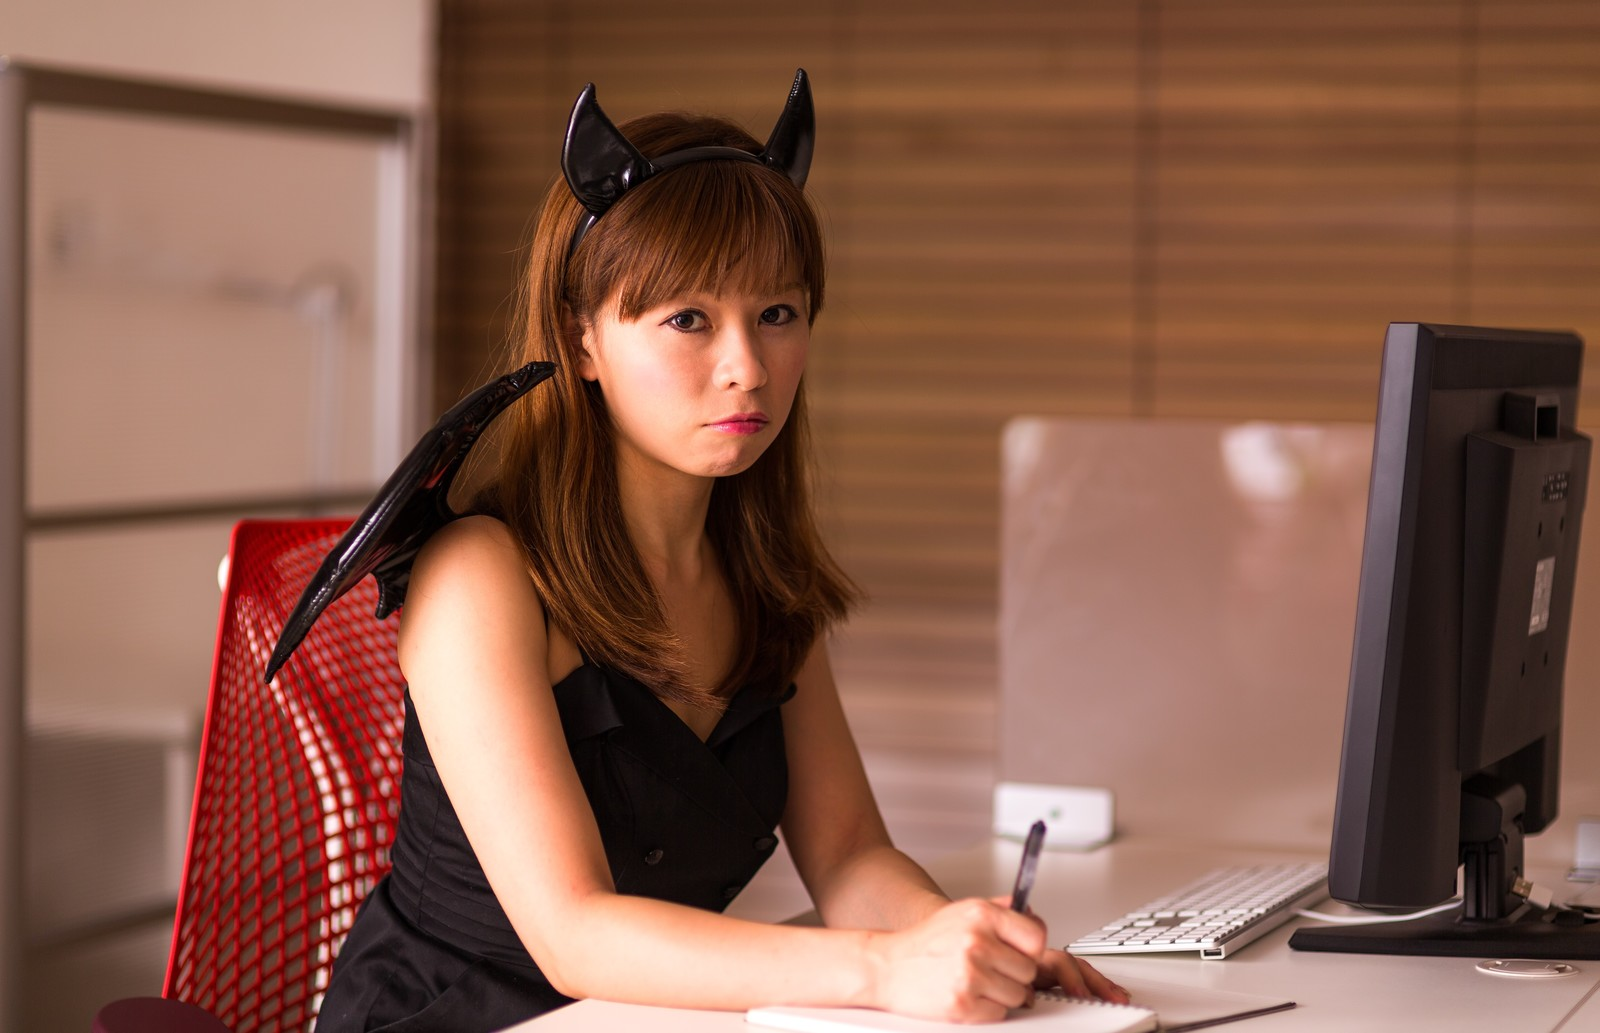 【最新】小悪魔女子は進化してる✨今モテる新・小悪魔女子の特徴4つ